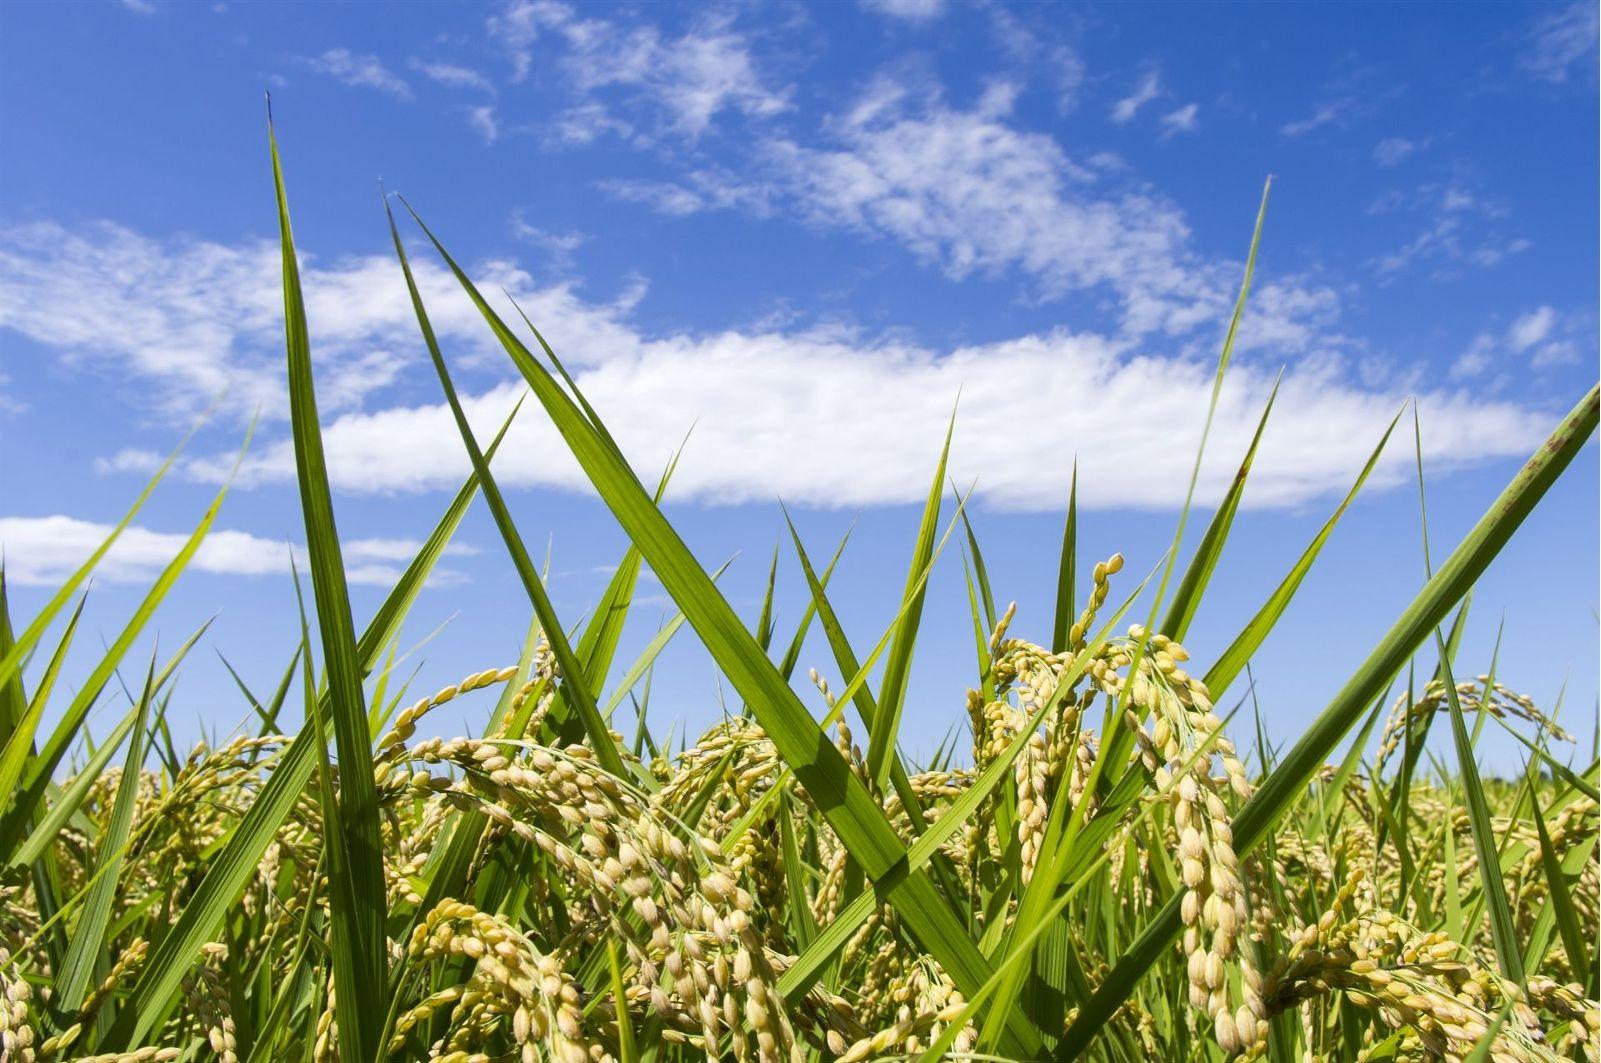 青空の下よく育った稲